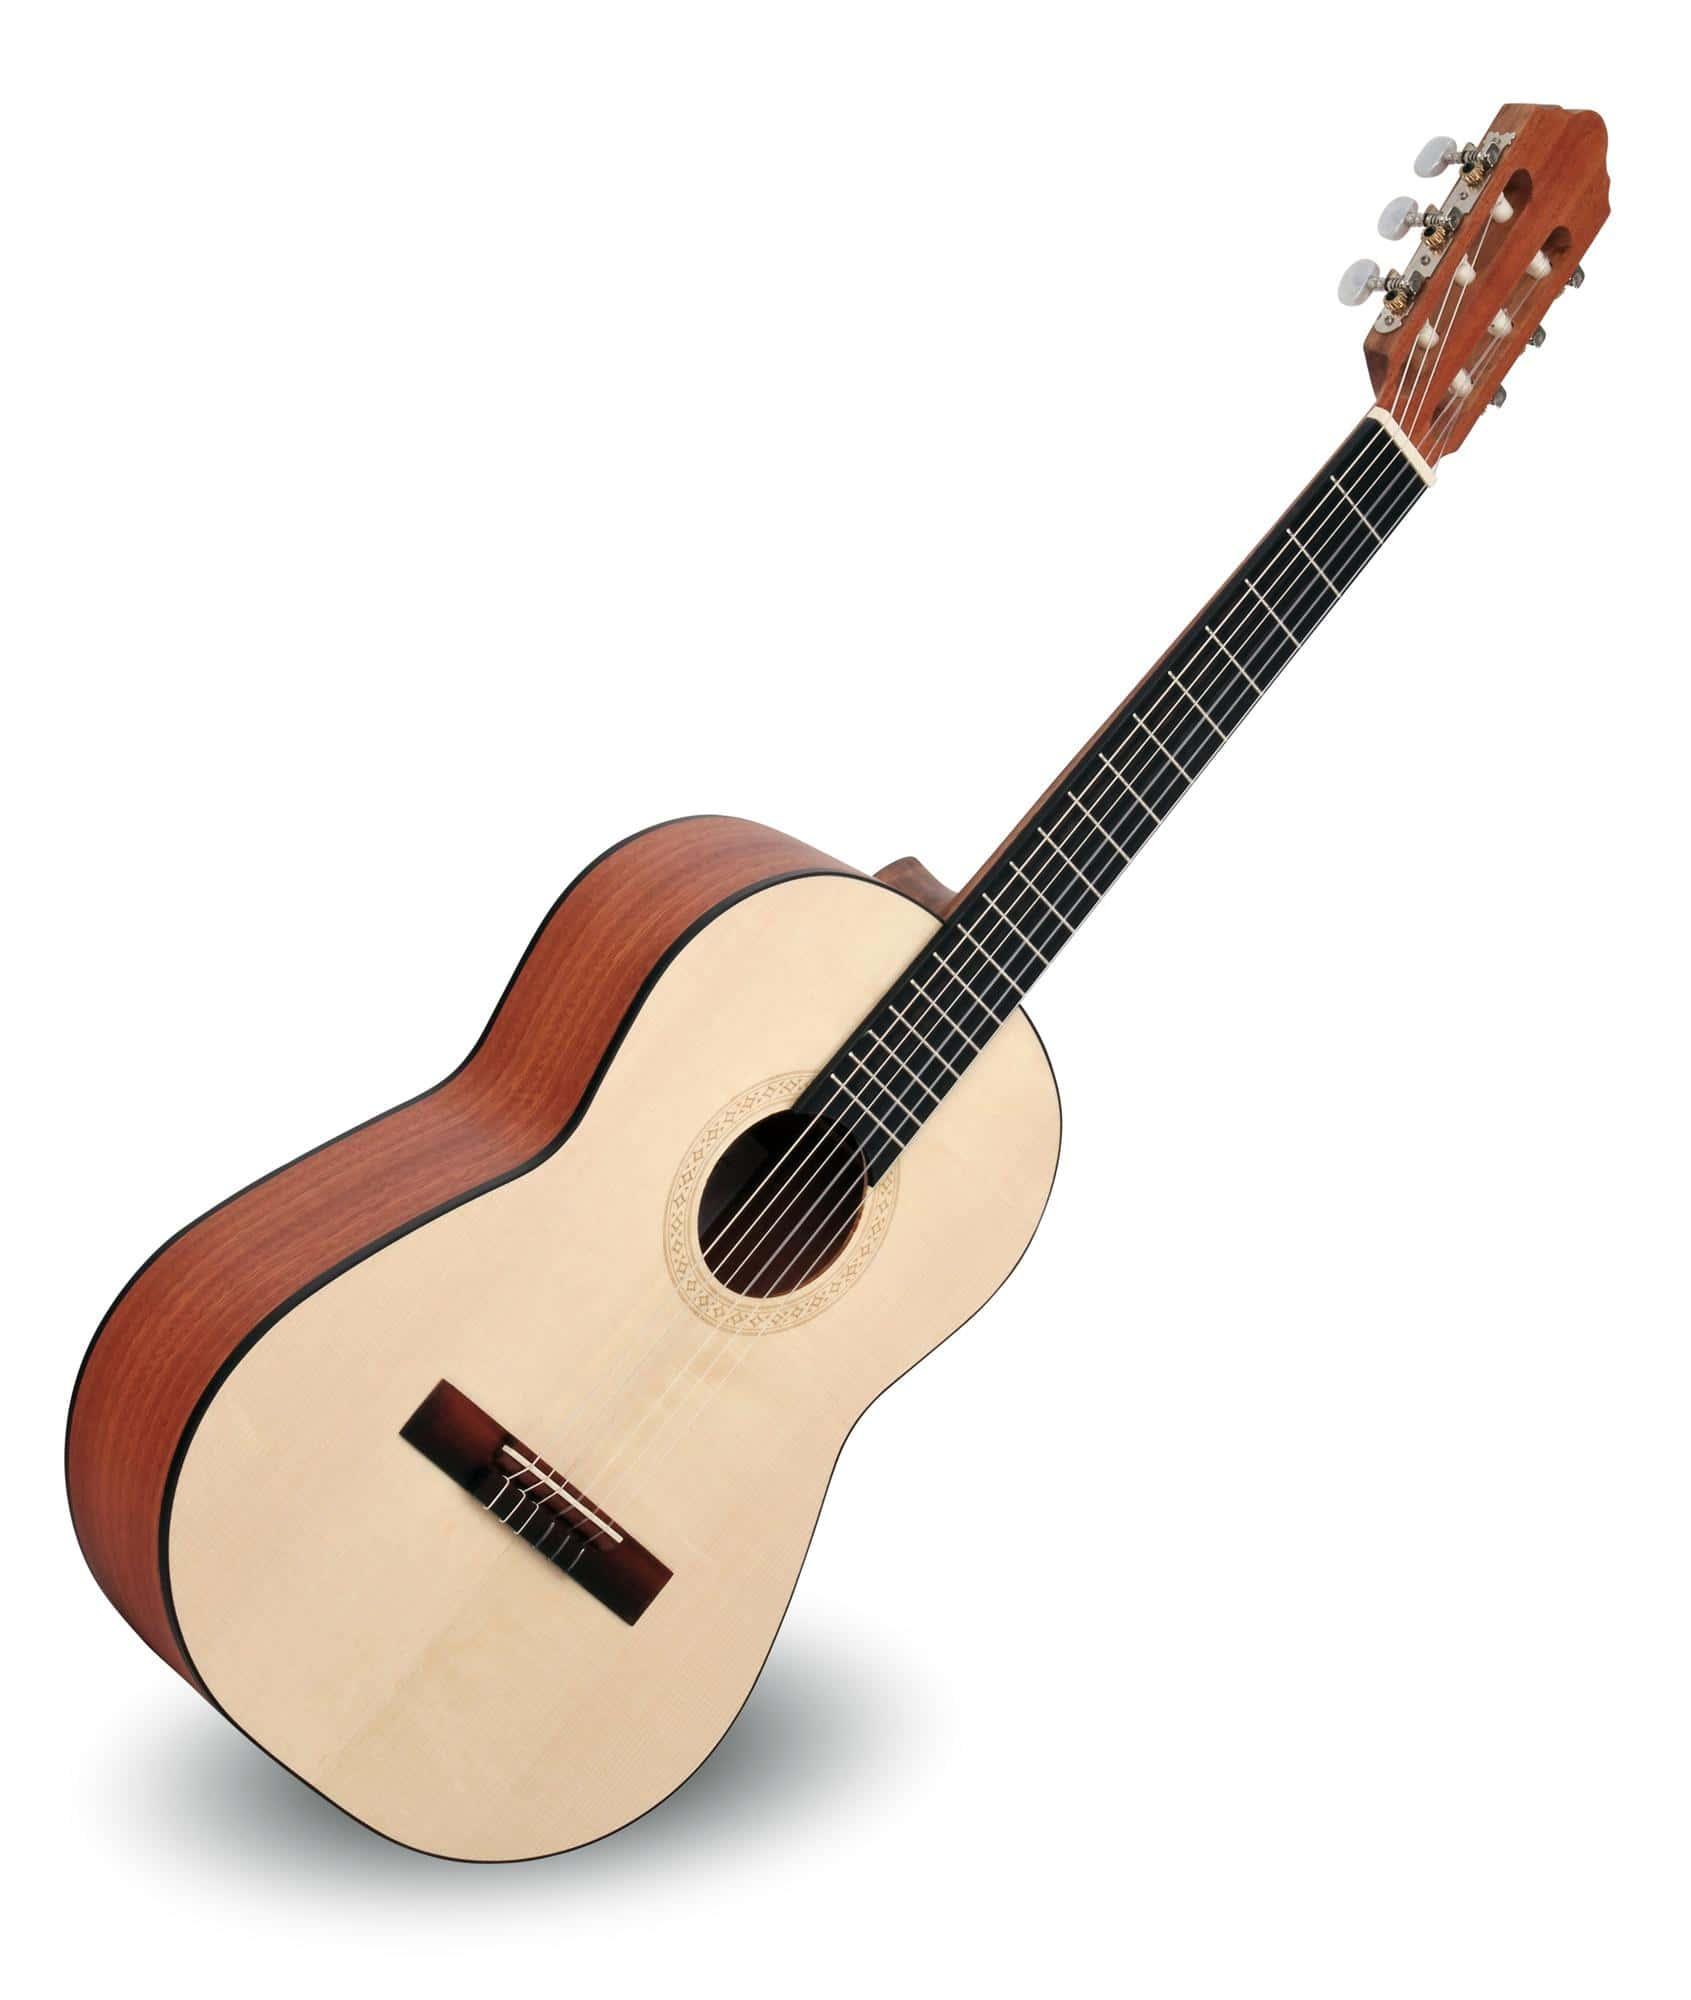 Calida Cadete Konzertgitarre 3 4 Fichte Matt Made in Portugal